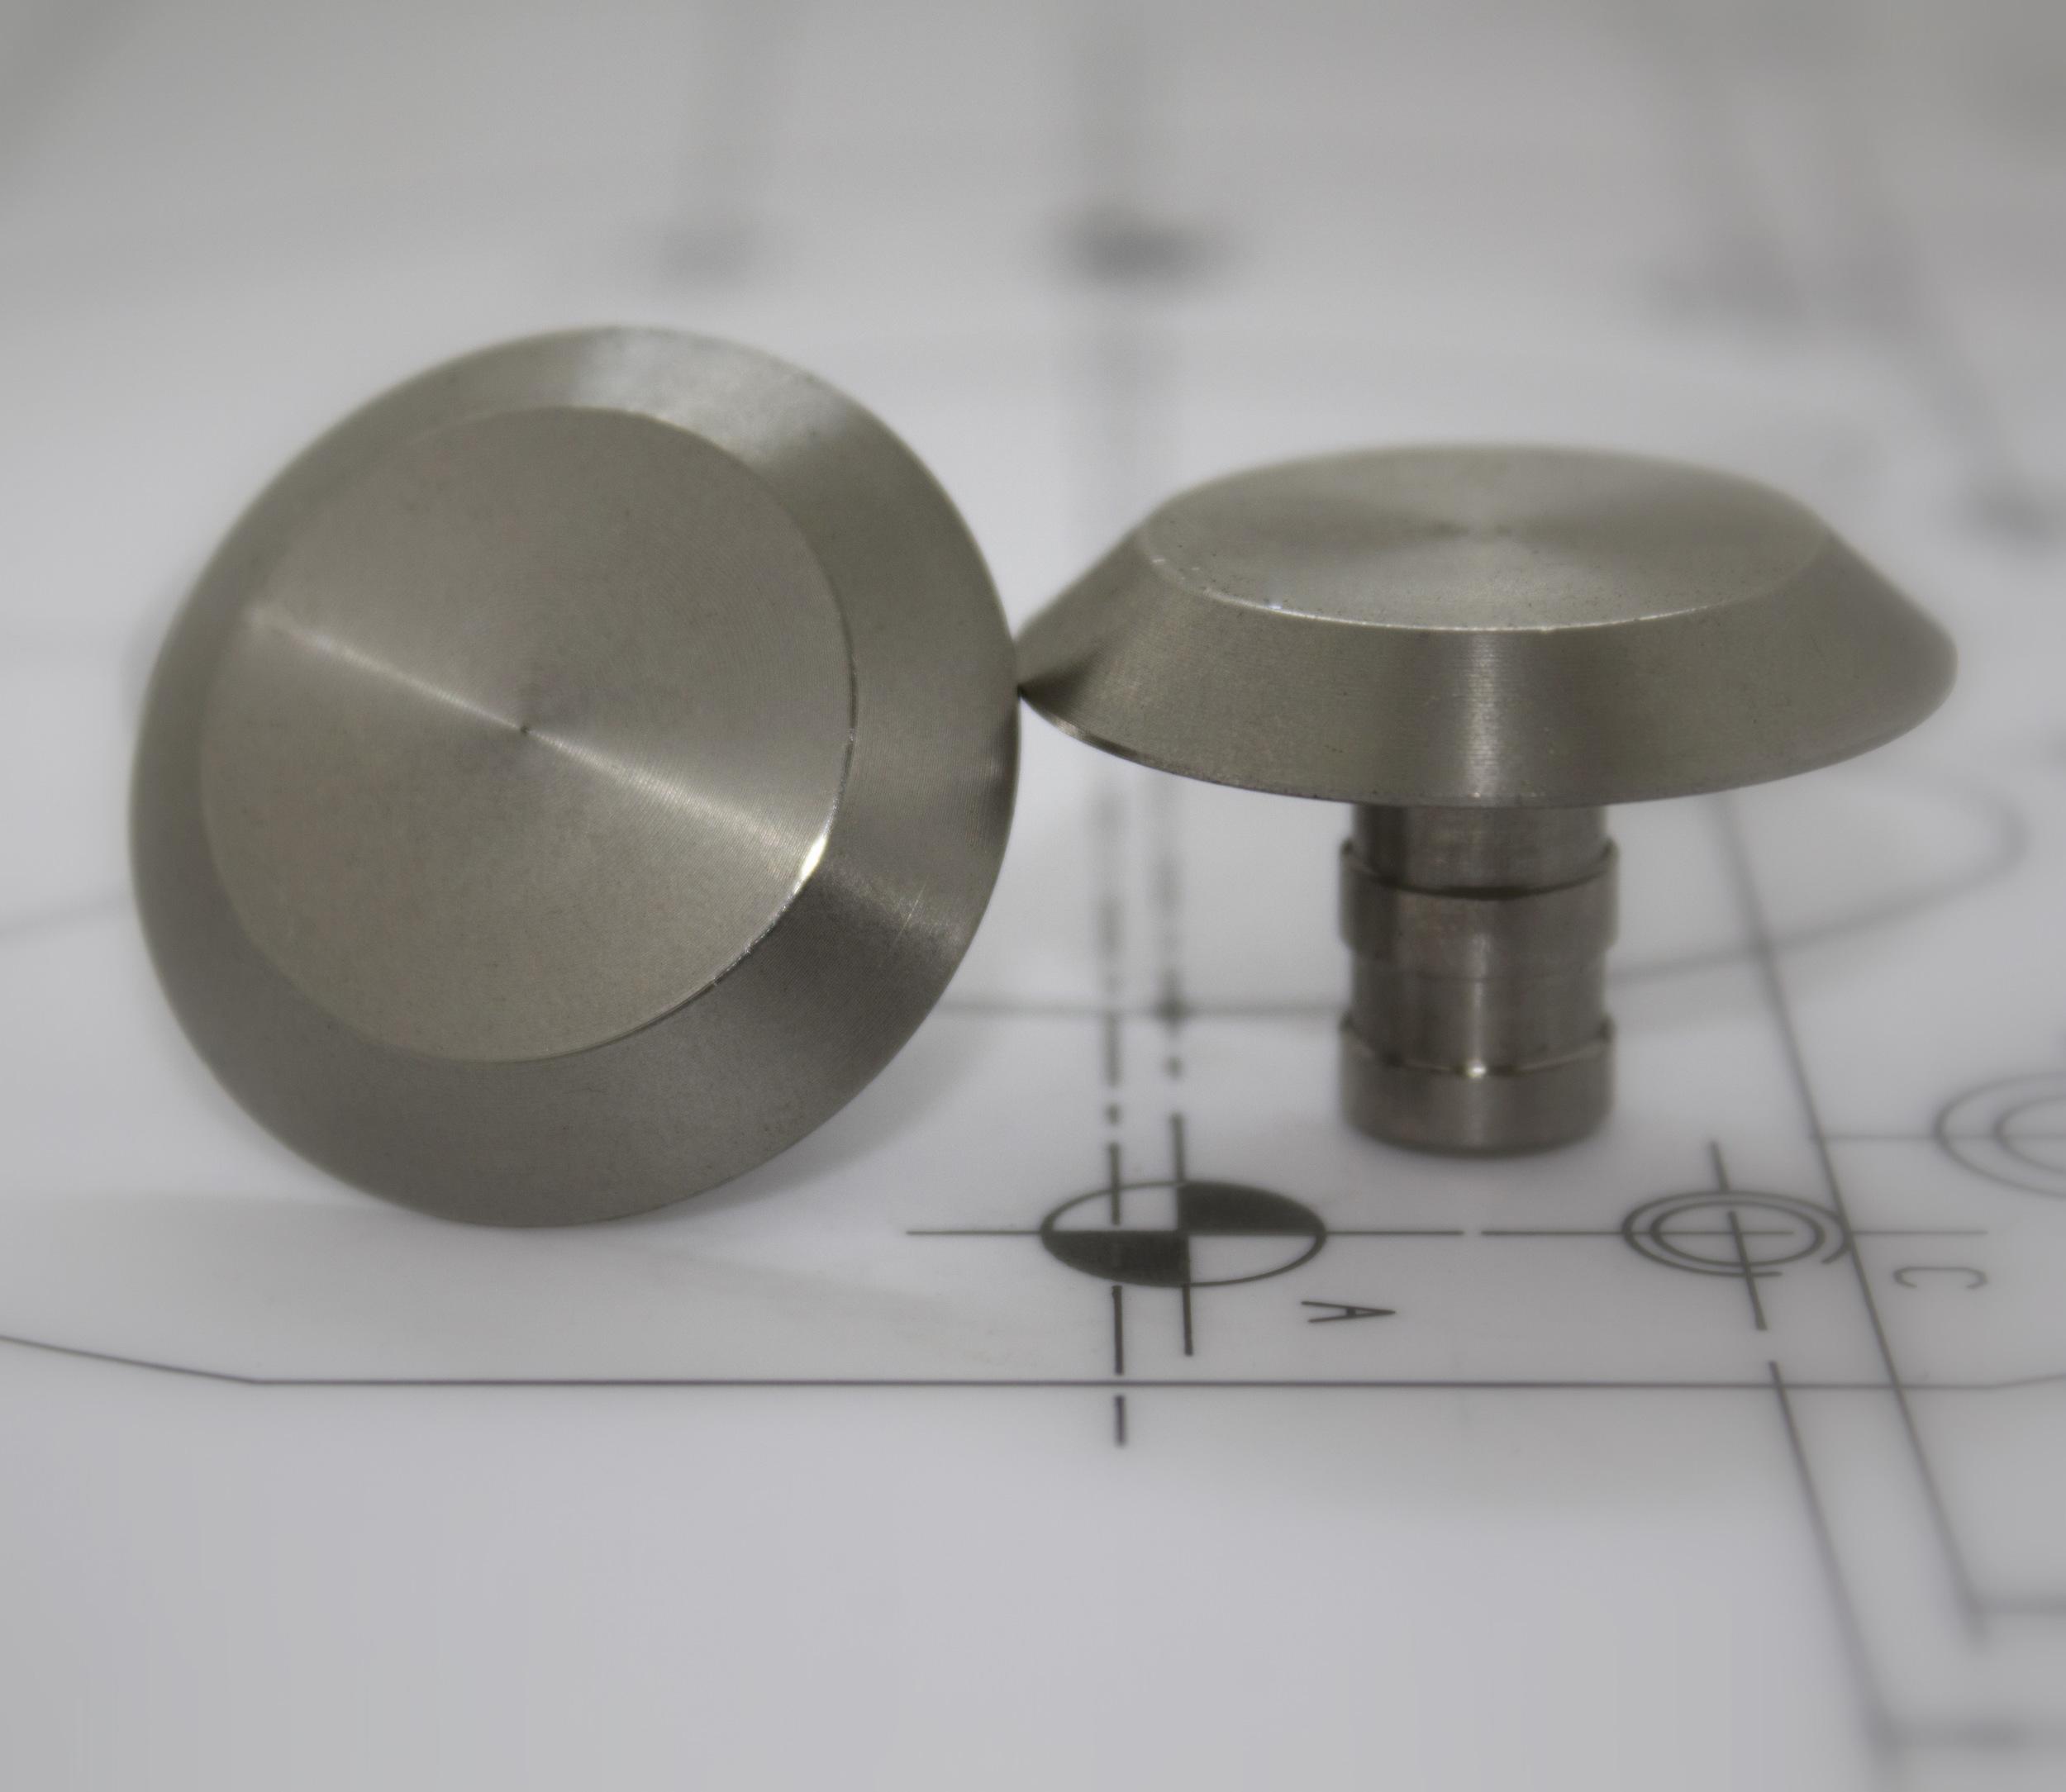 Stainless Steel 35mm Plain Stud